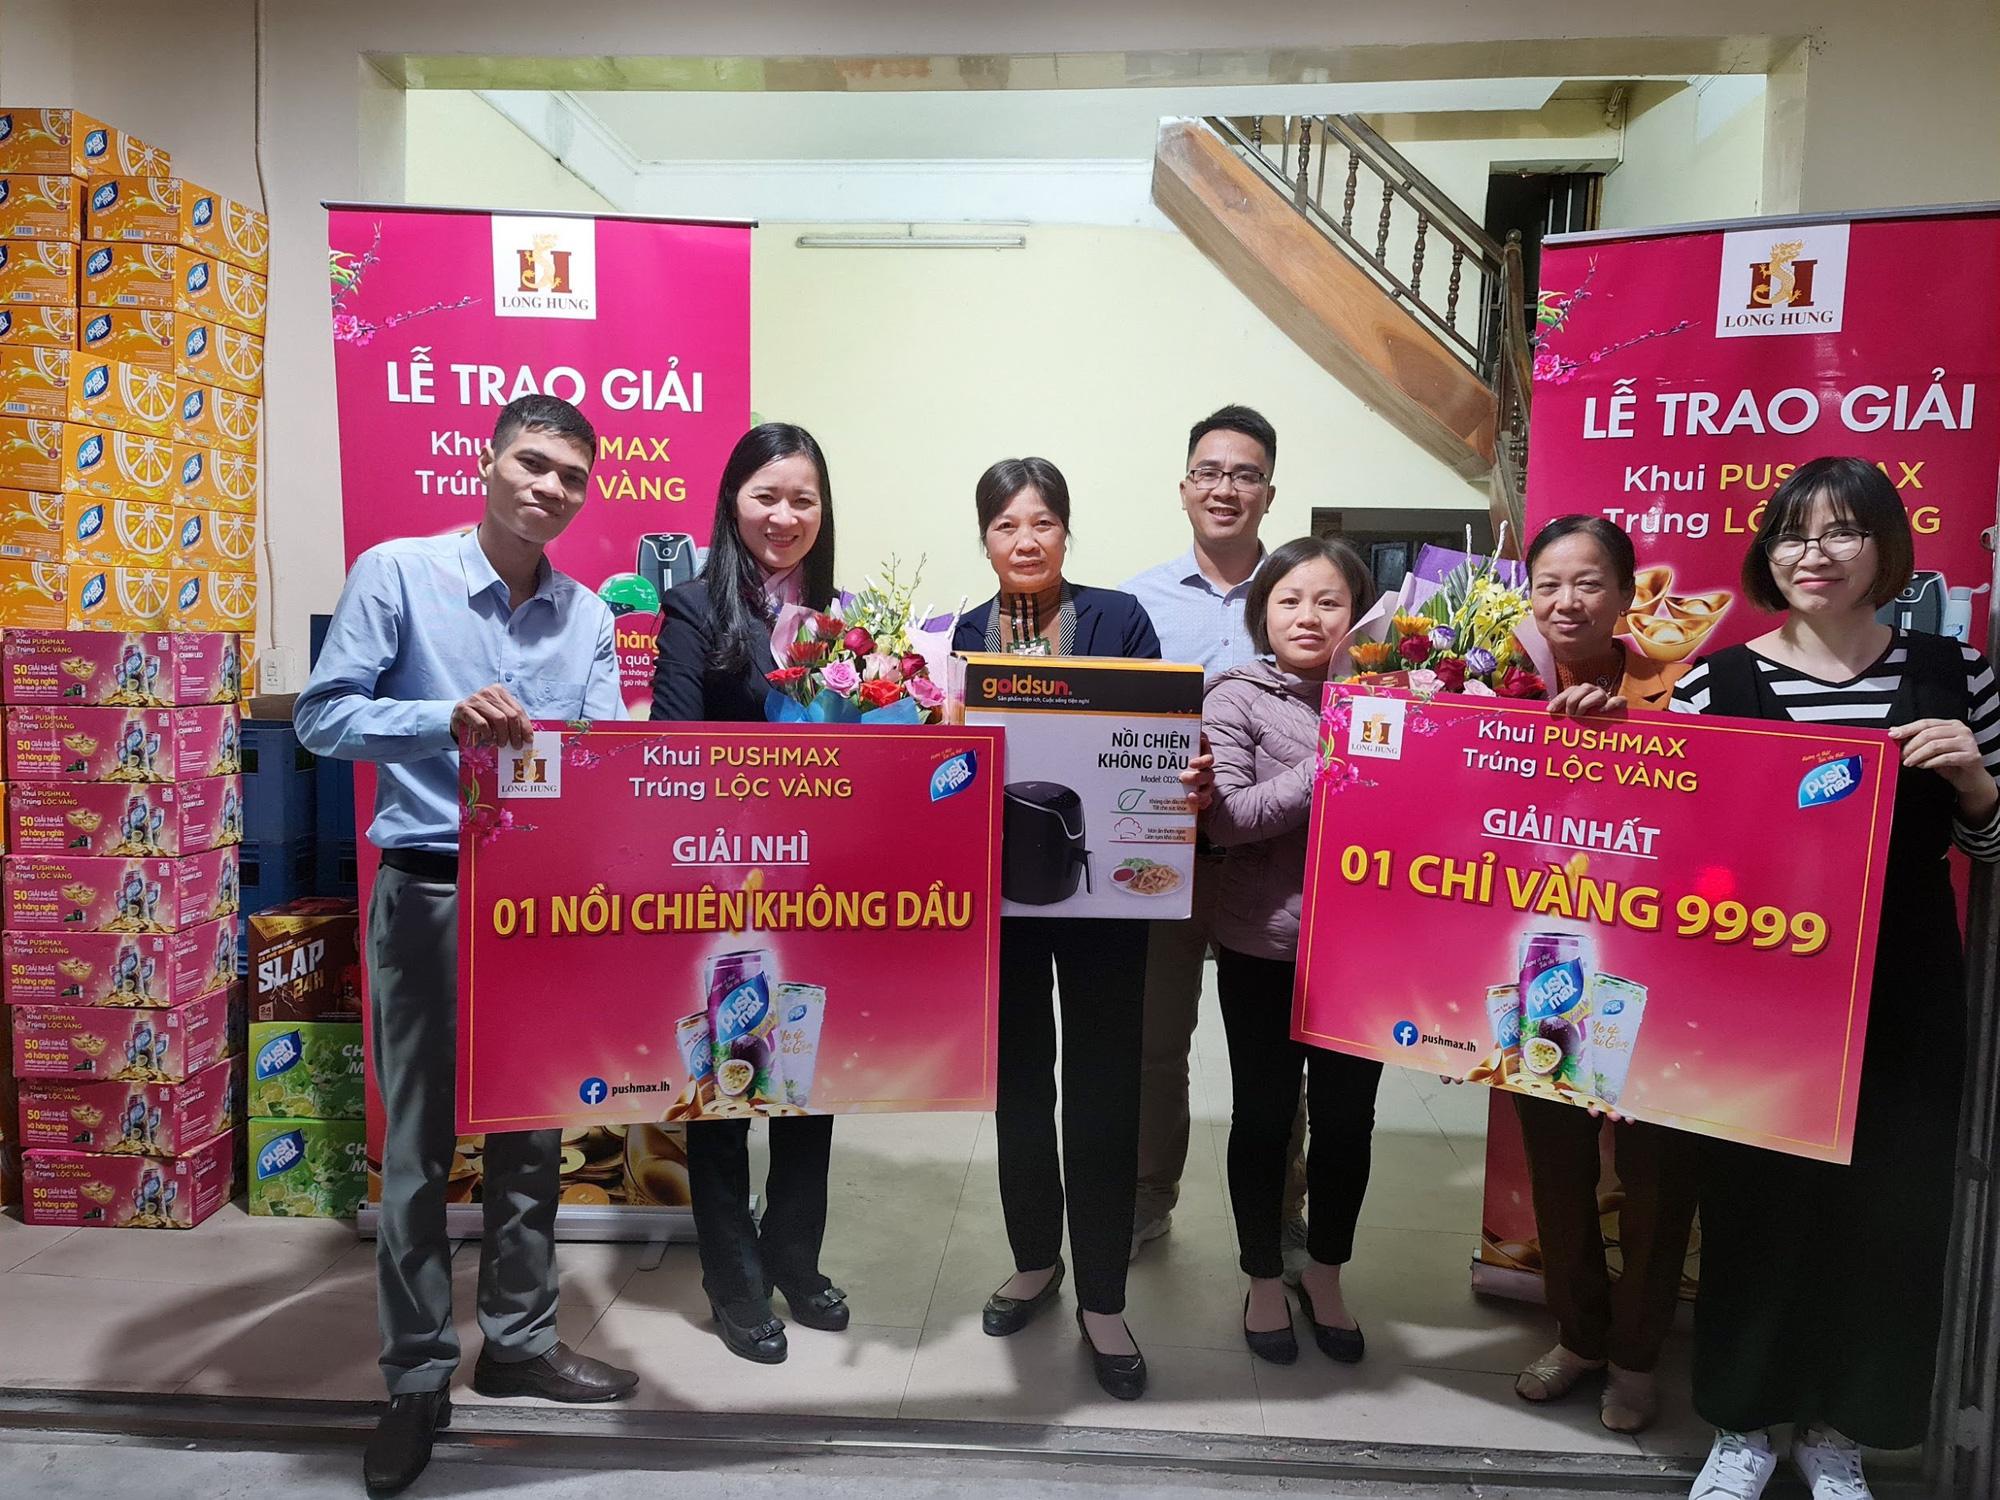 Lộ diện những khách hàng đầu tiên trúng giải trong chương trình Khui Pushmax - Trúng Lộc Vàng - Ảnh 1.